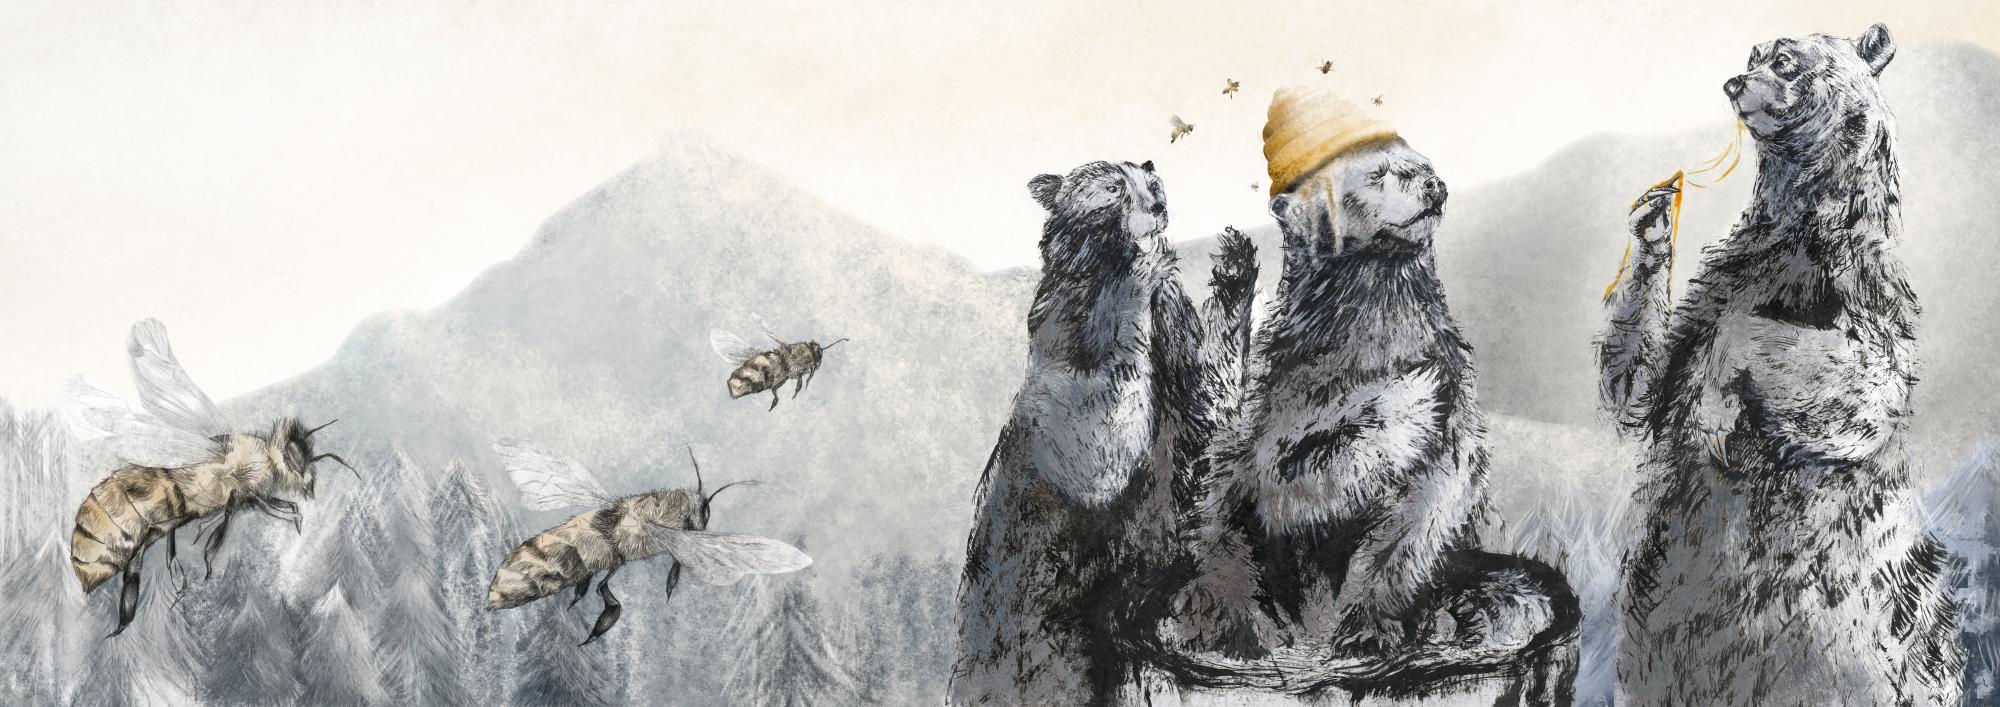 Curious-creatures-bears.png